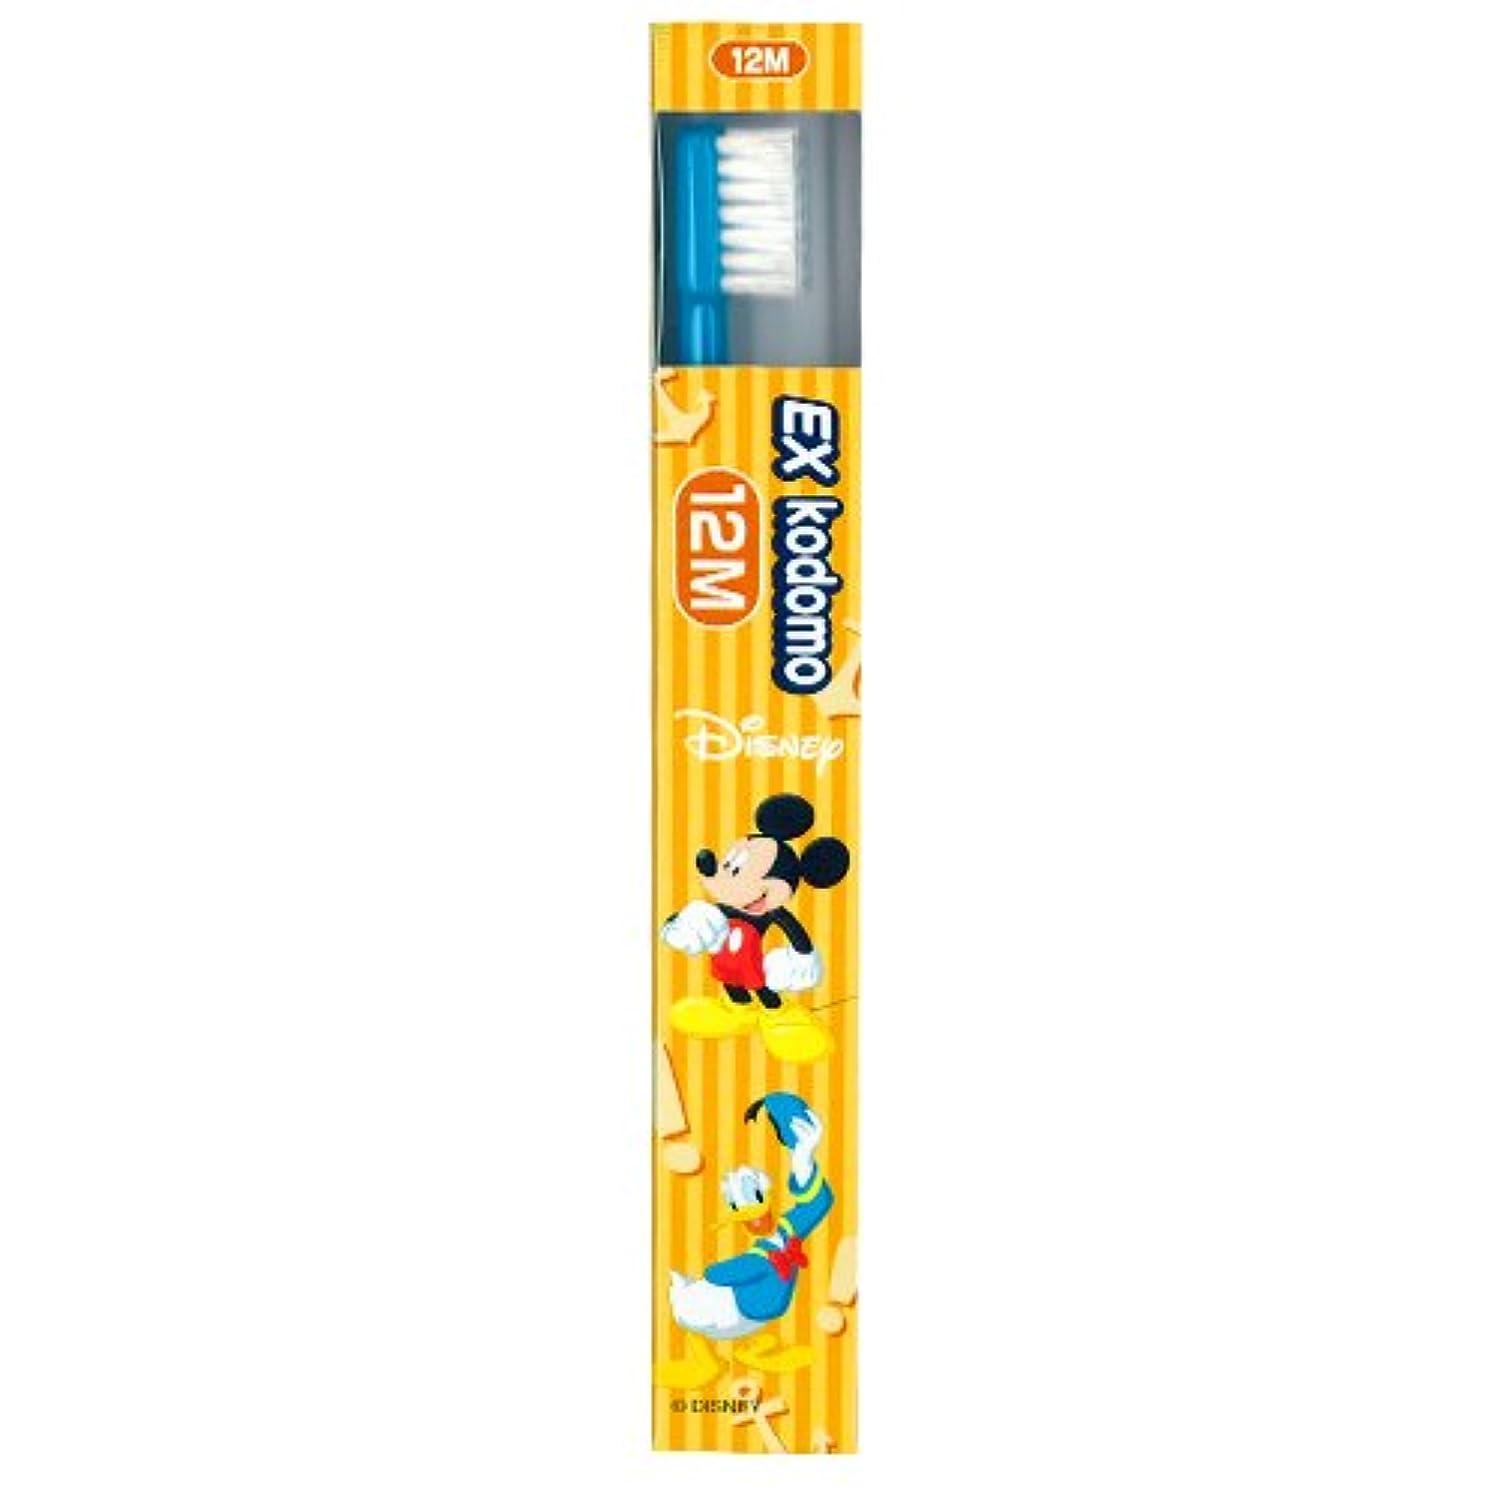 よく話される接地マーティンルーサーキングジュニアライオン EX kodomo ディズニー 歯ブラシ 1本 12M ブルー